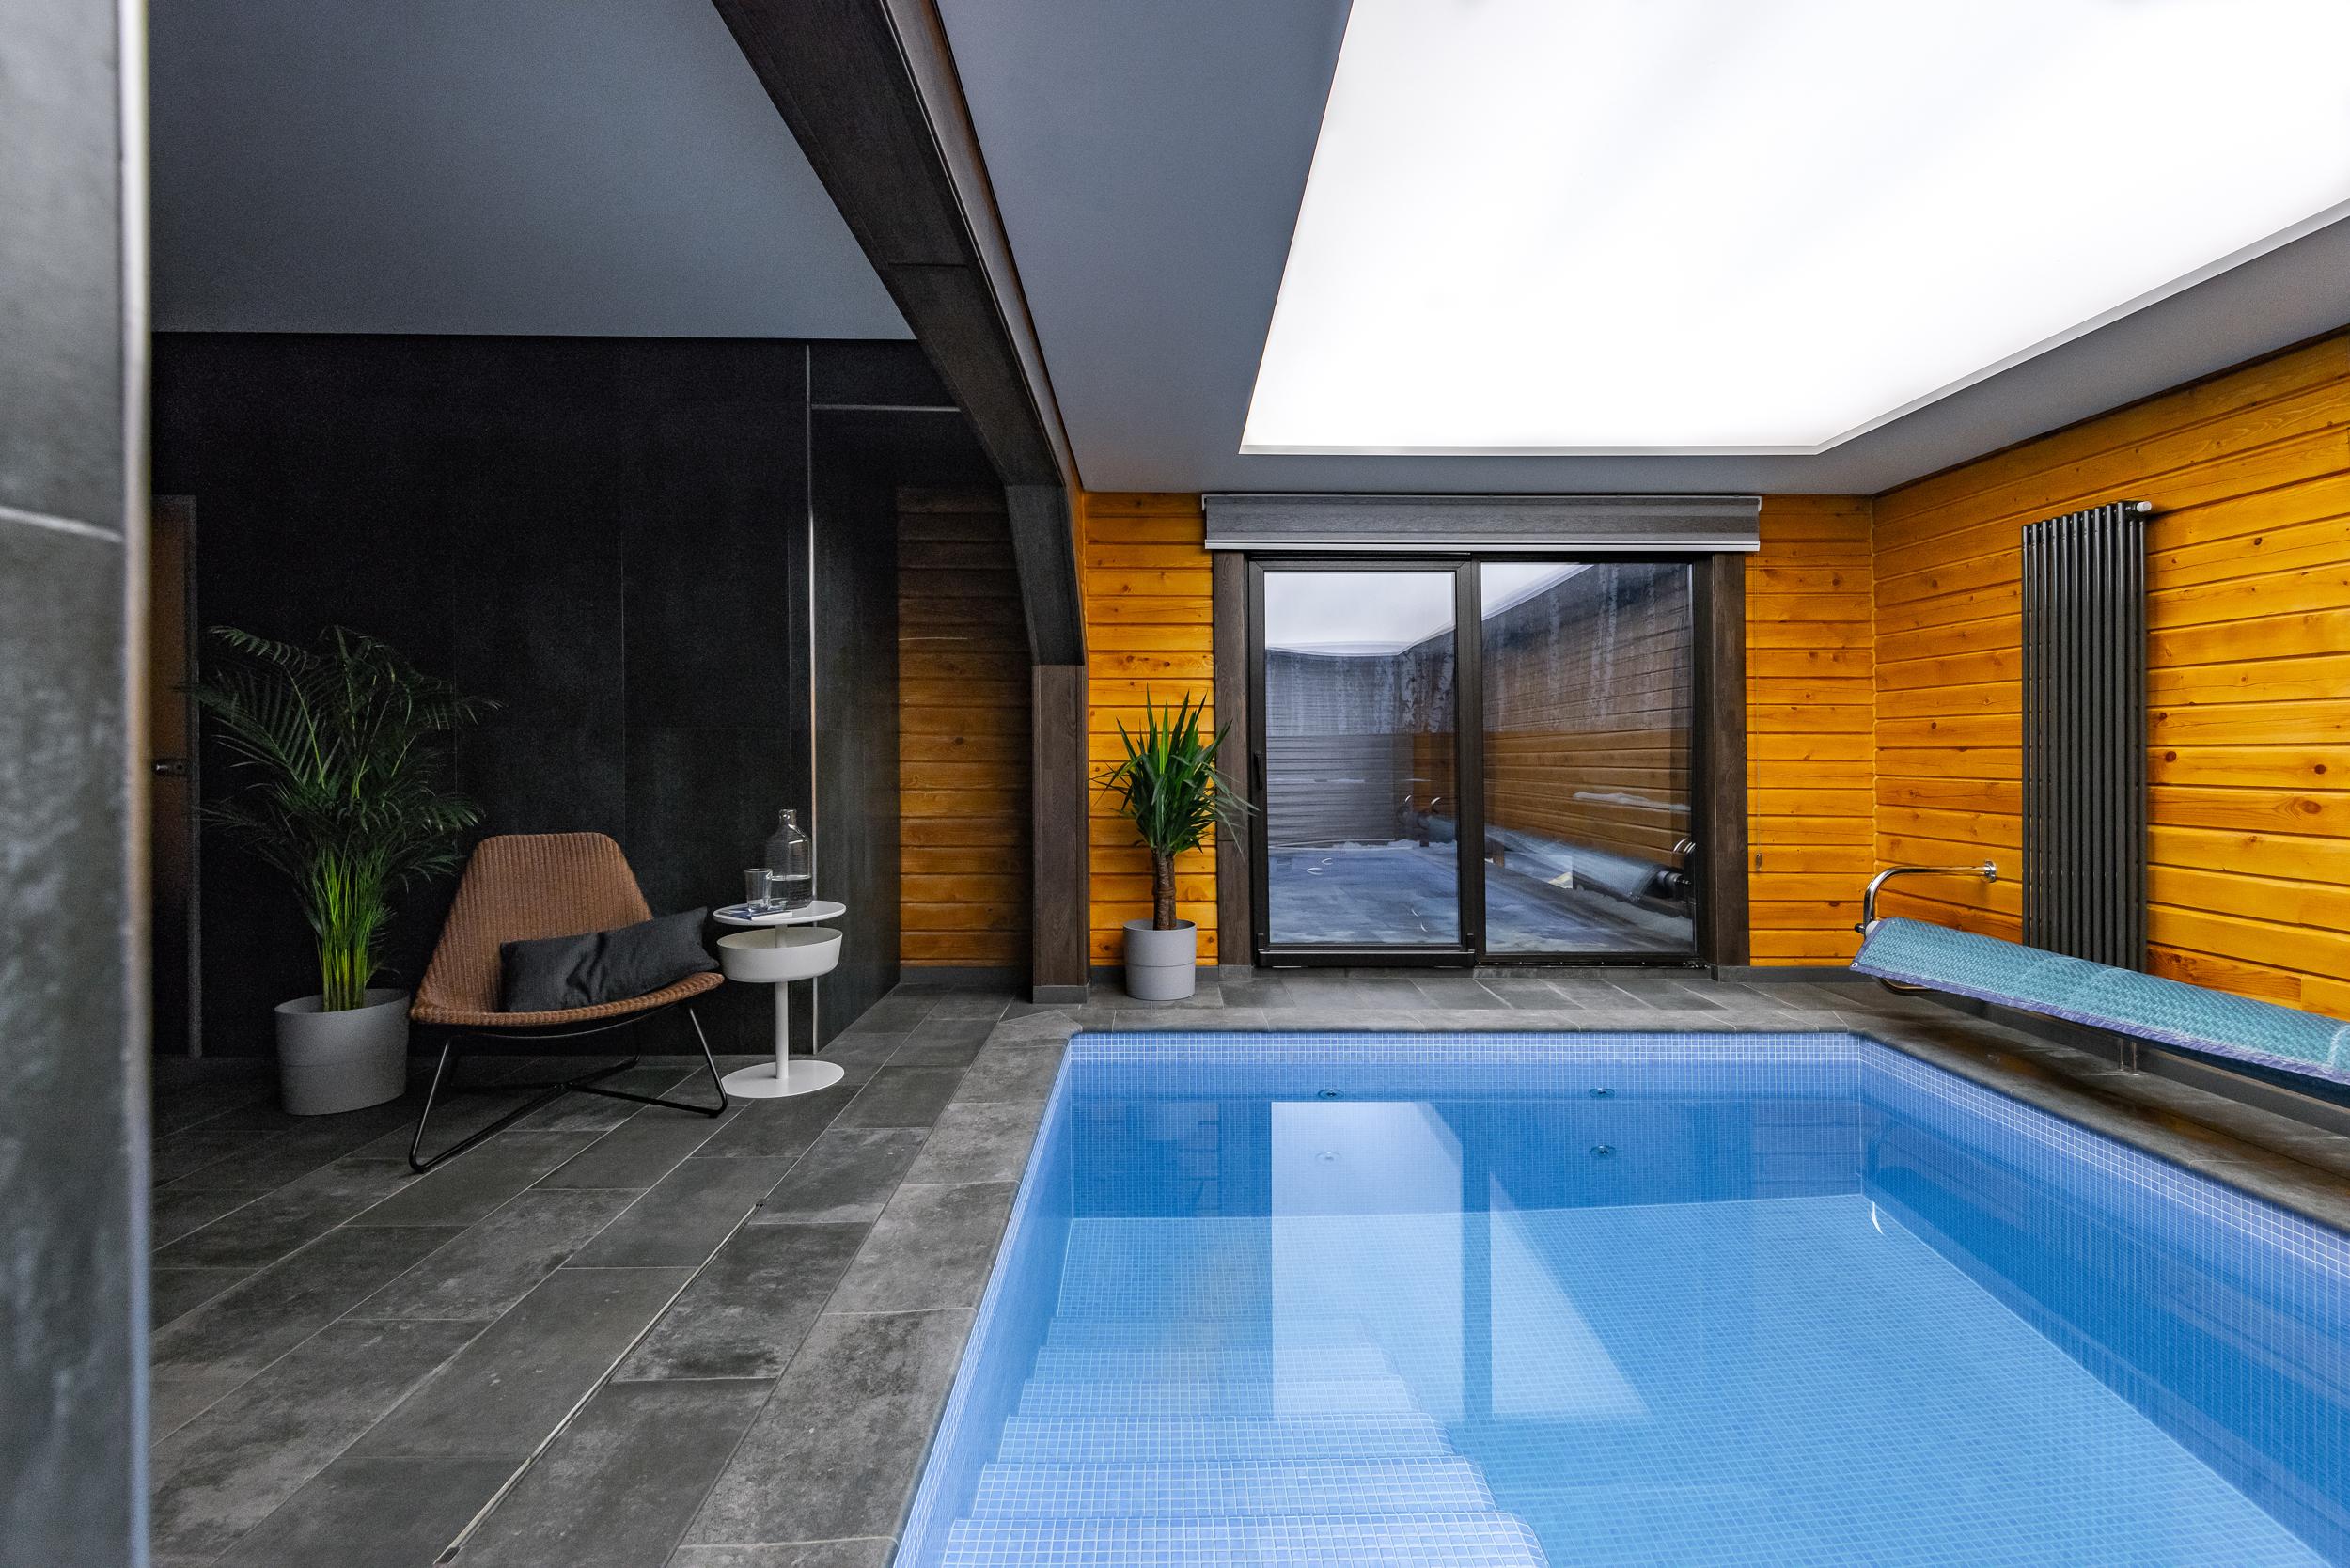 реализованный проект с плиткой италон челябинск плитка под дерево в проекте гостиной